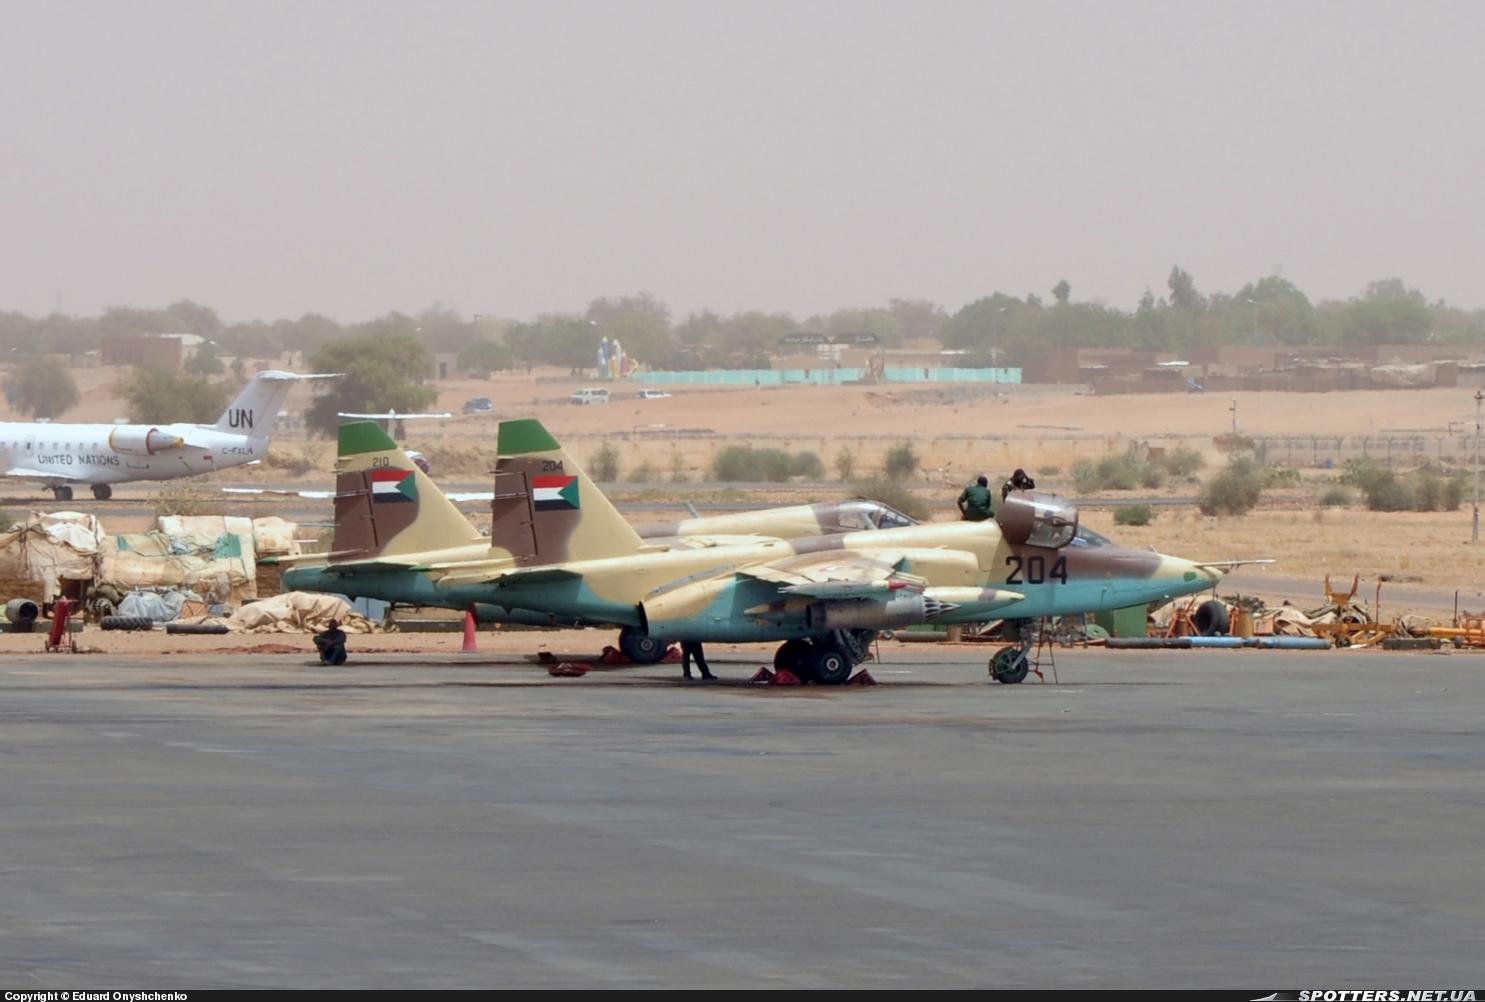 طائرة الدعم الجوي القريب .. Sukhoi Su-25 SUDAN%2BSU-25%2B204%2BLANZACOHETES%2B%2BEL%2BFASHER%2B14-03-2012